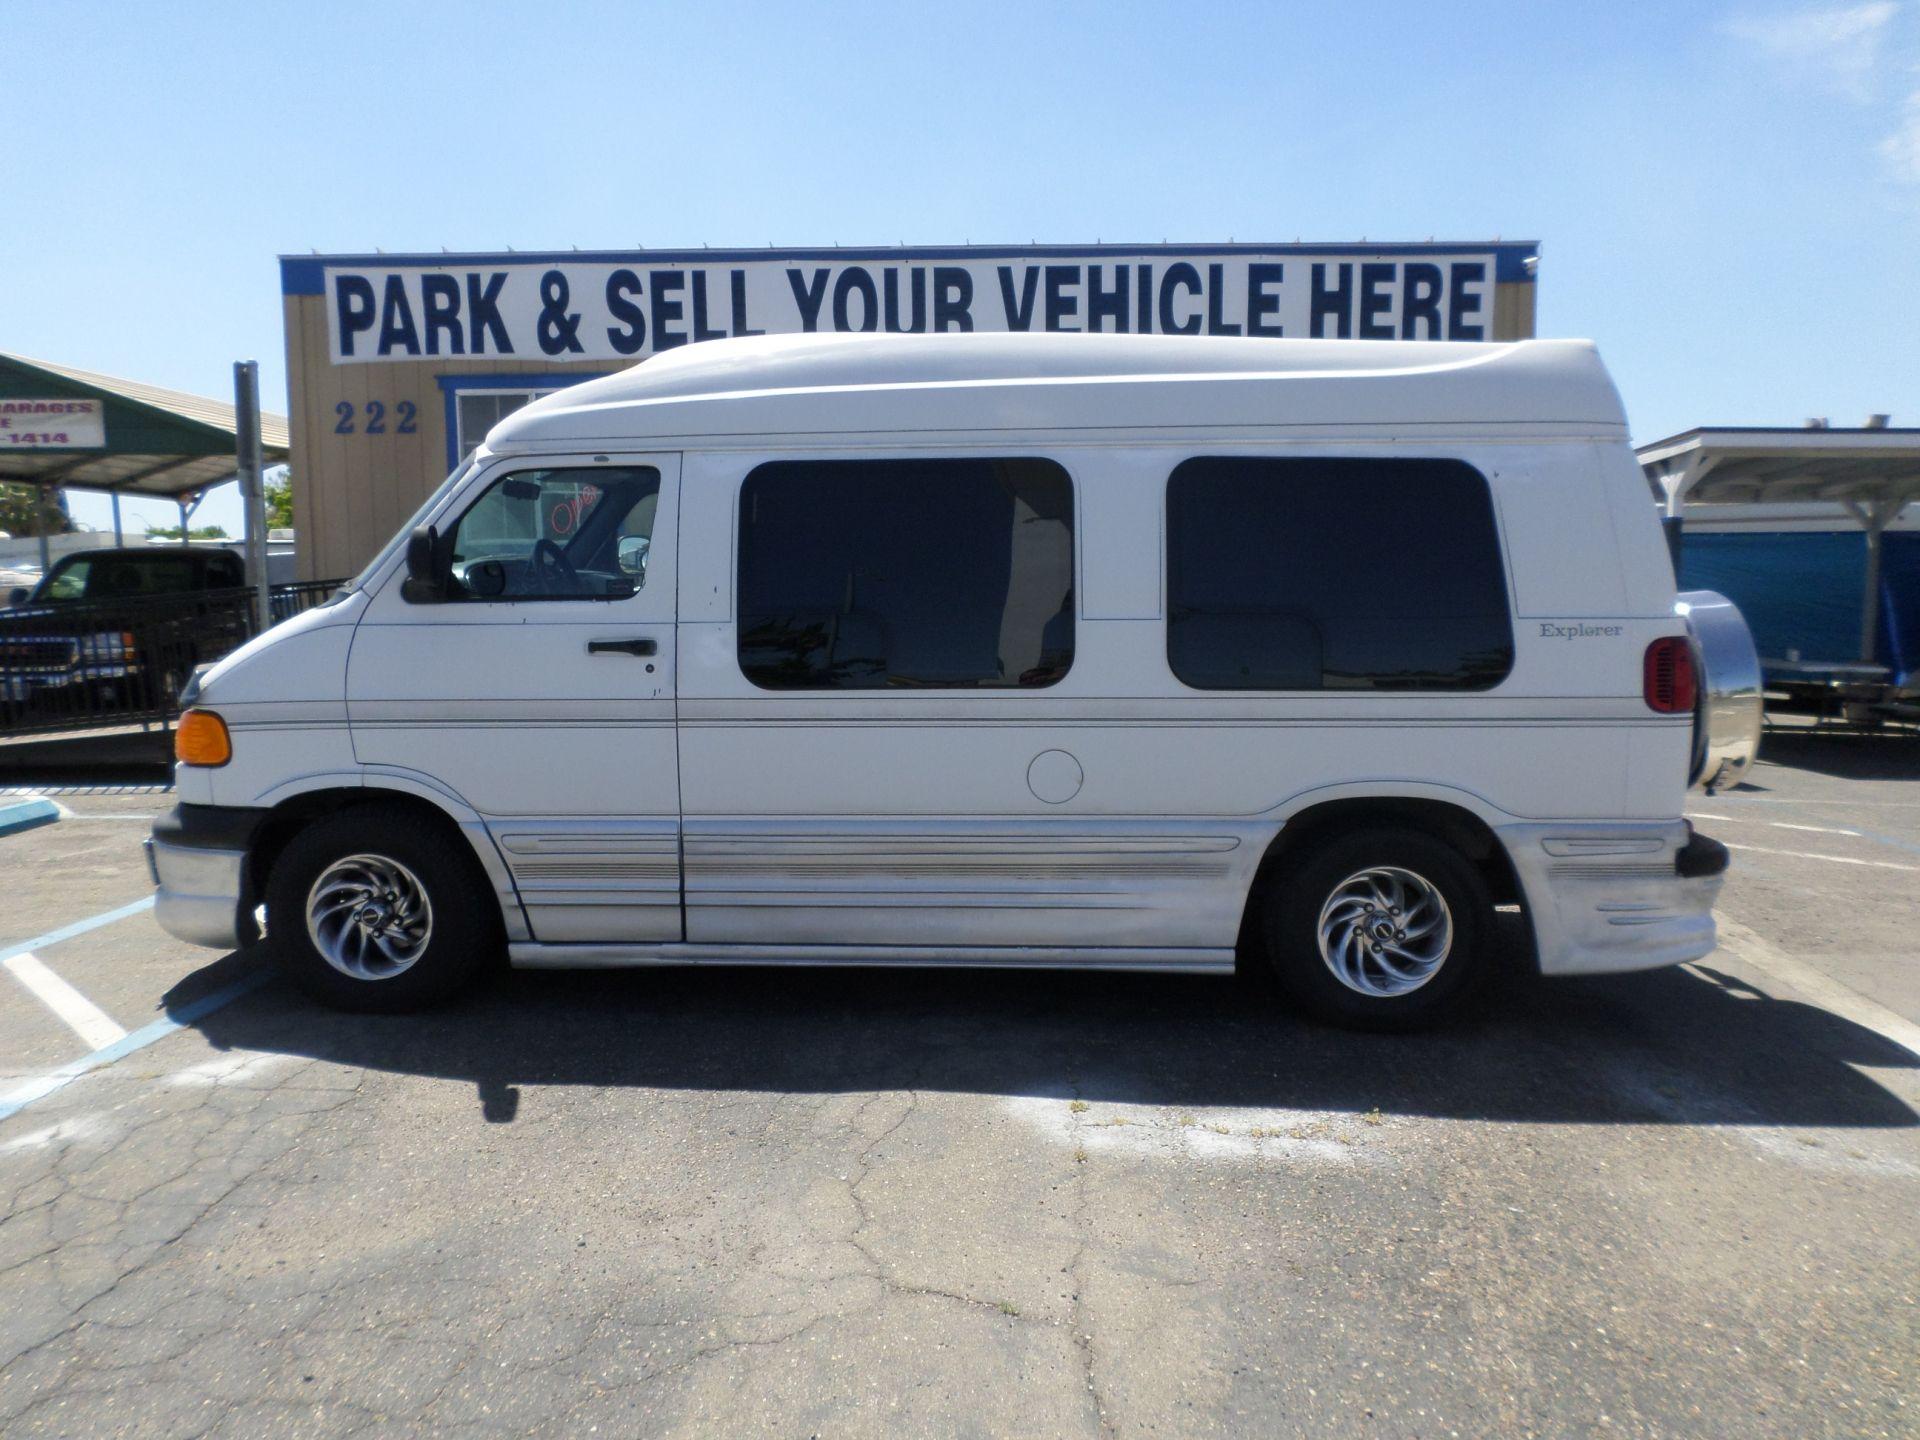 Van For Sale 2000 Dodge Ram Van 1500 Explorer Conversion Van In Lodi Stockton Ca Dodge Ram Van Van For Sale Ram Van